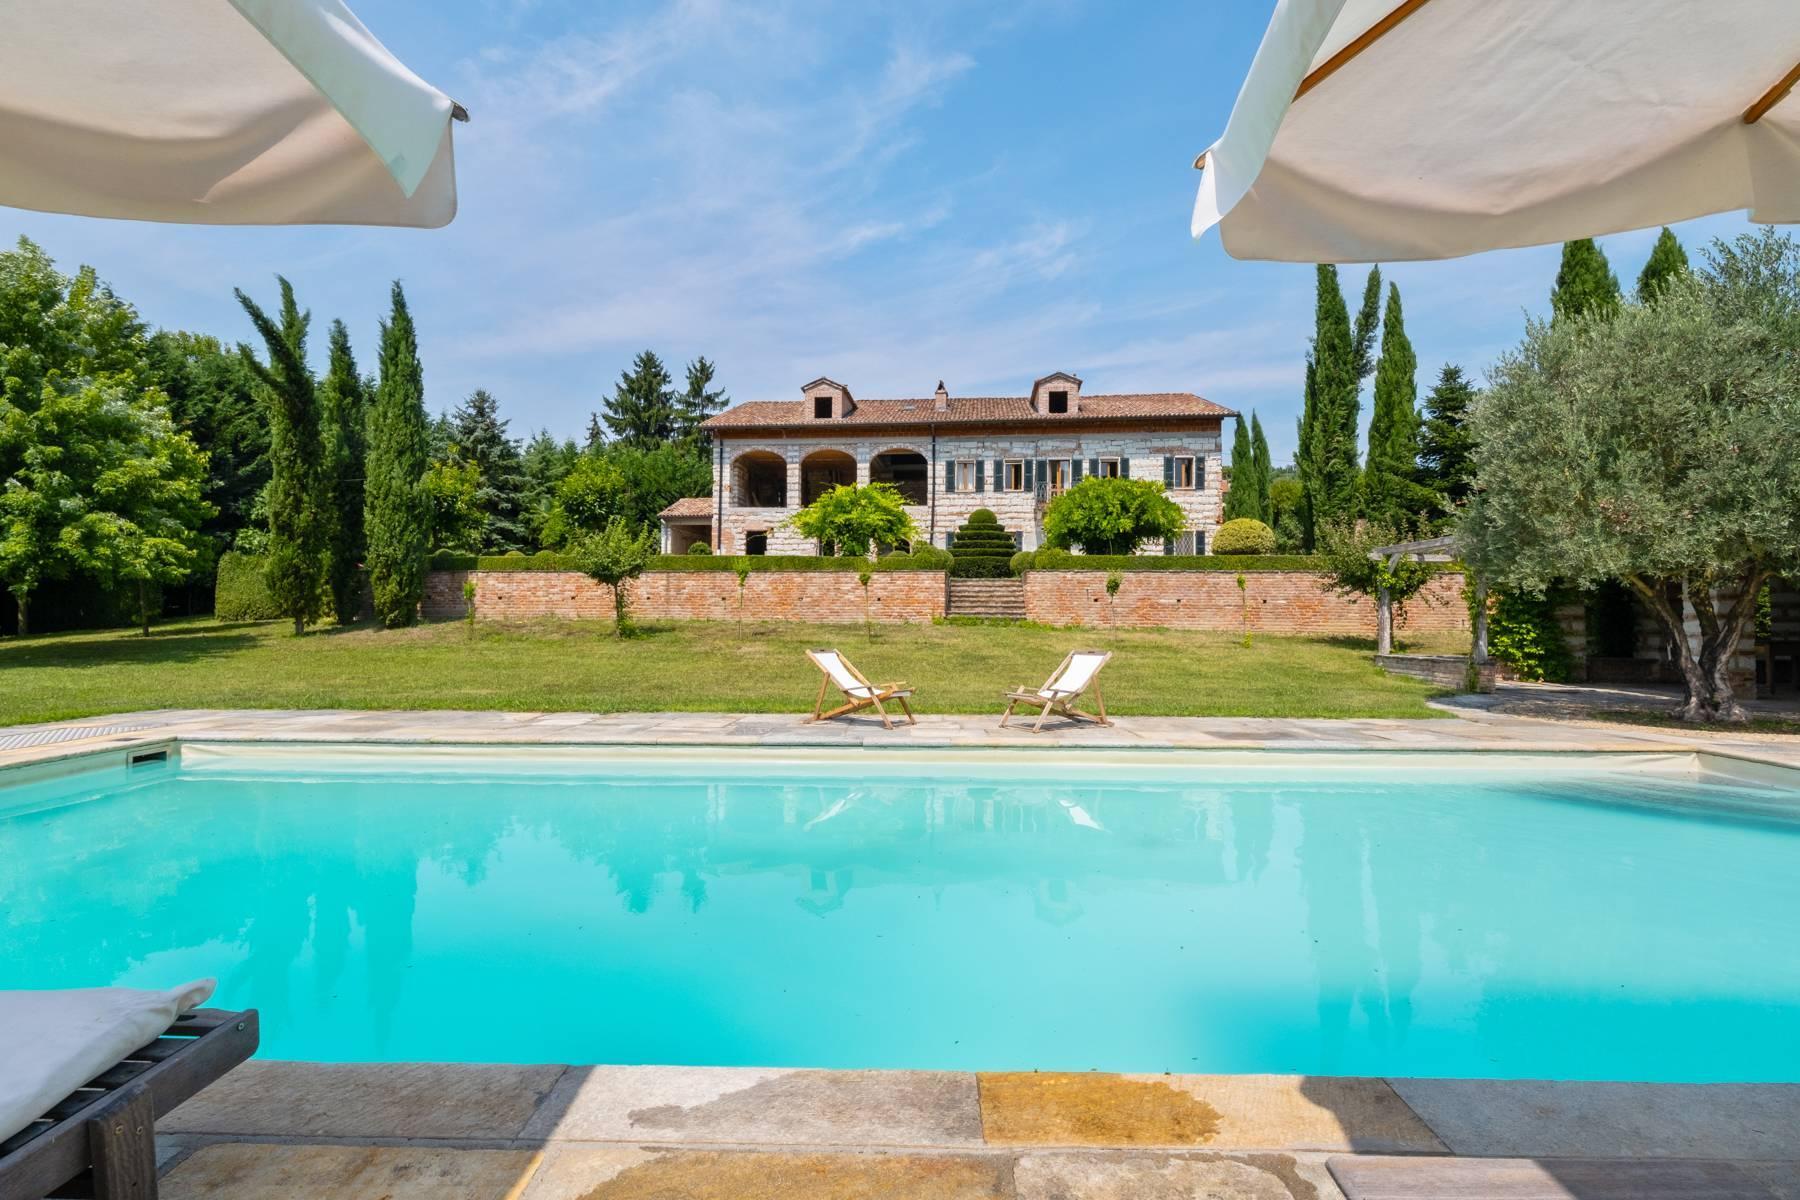 Affascinante casale con piscina nel verde delle colline del Monferrato - 1